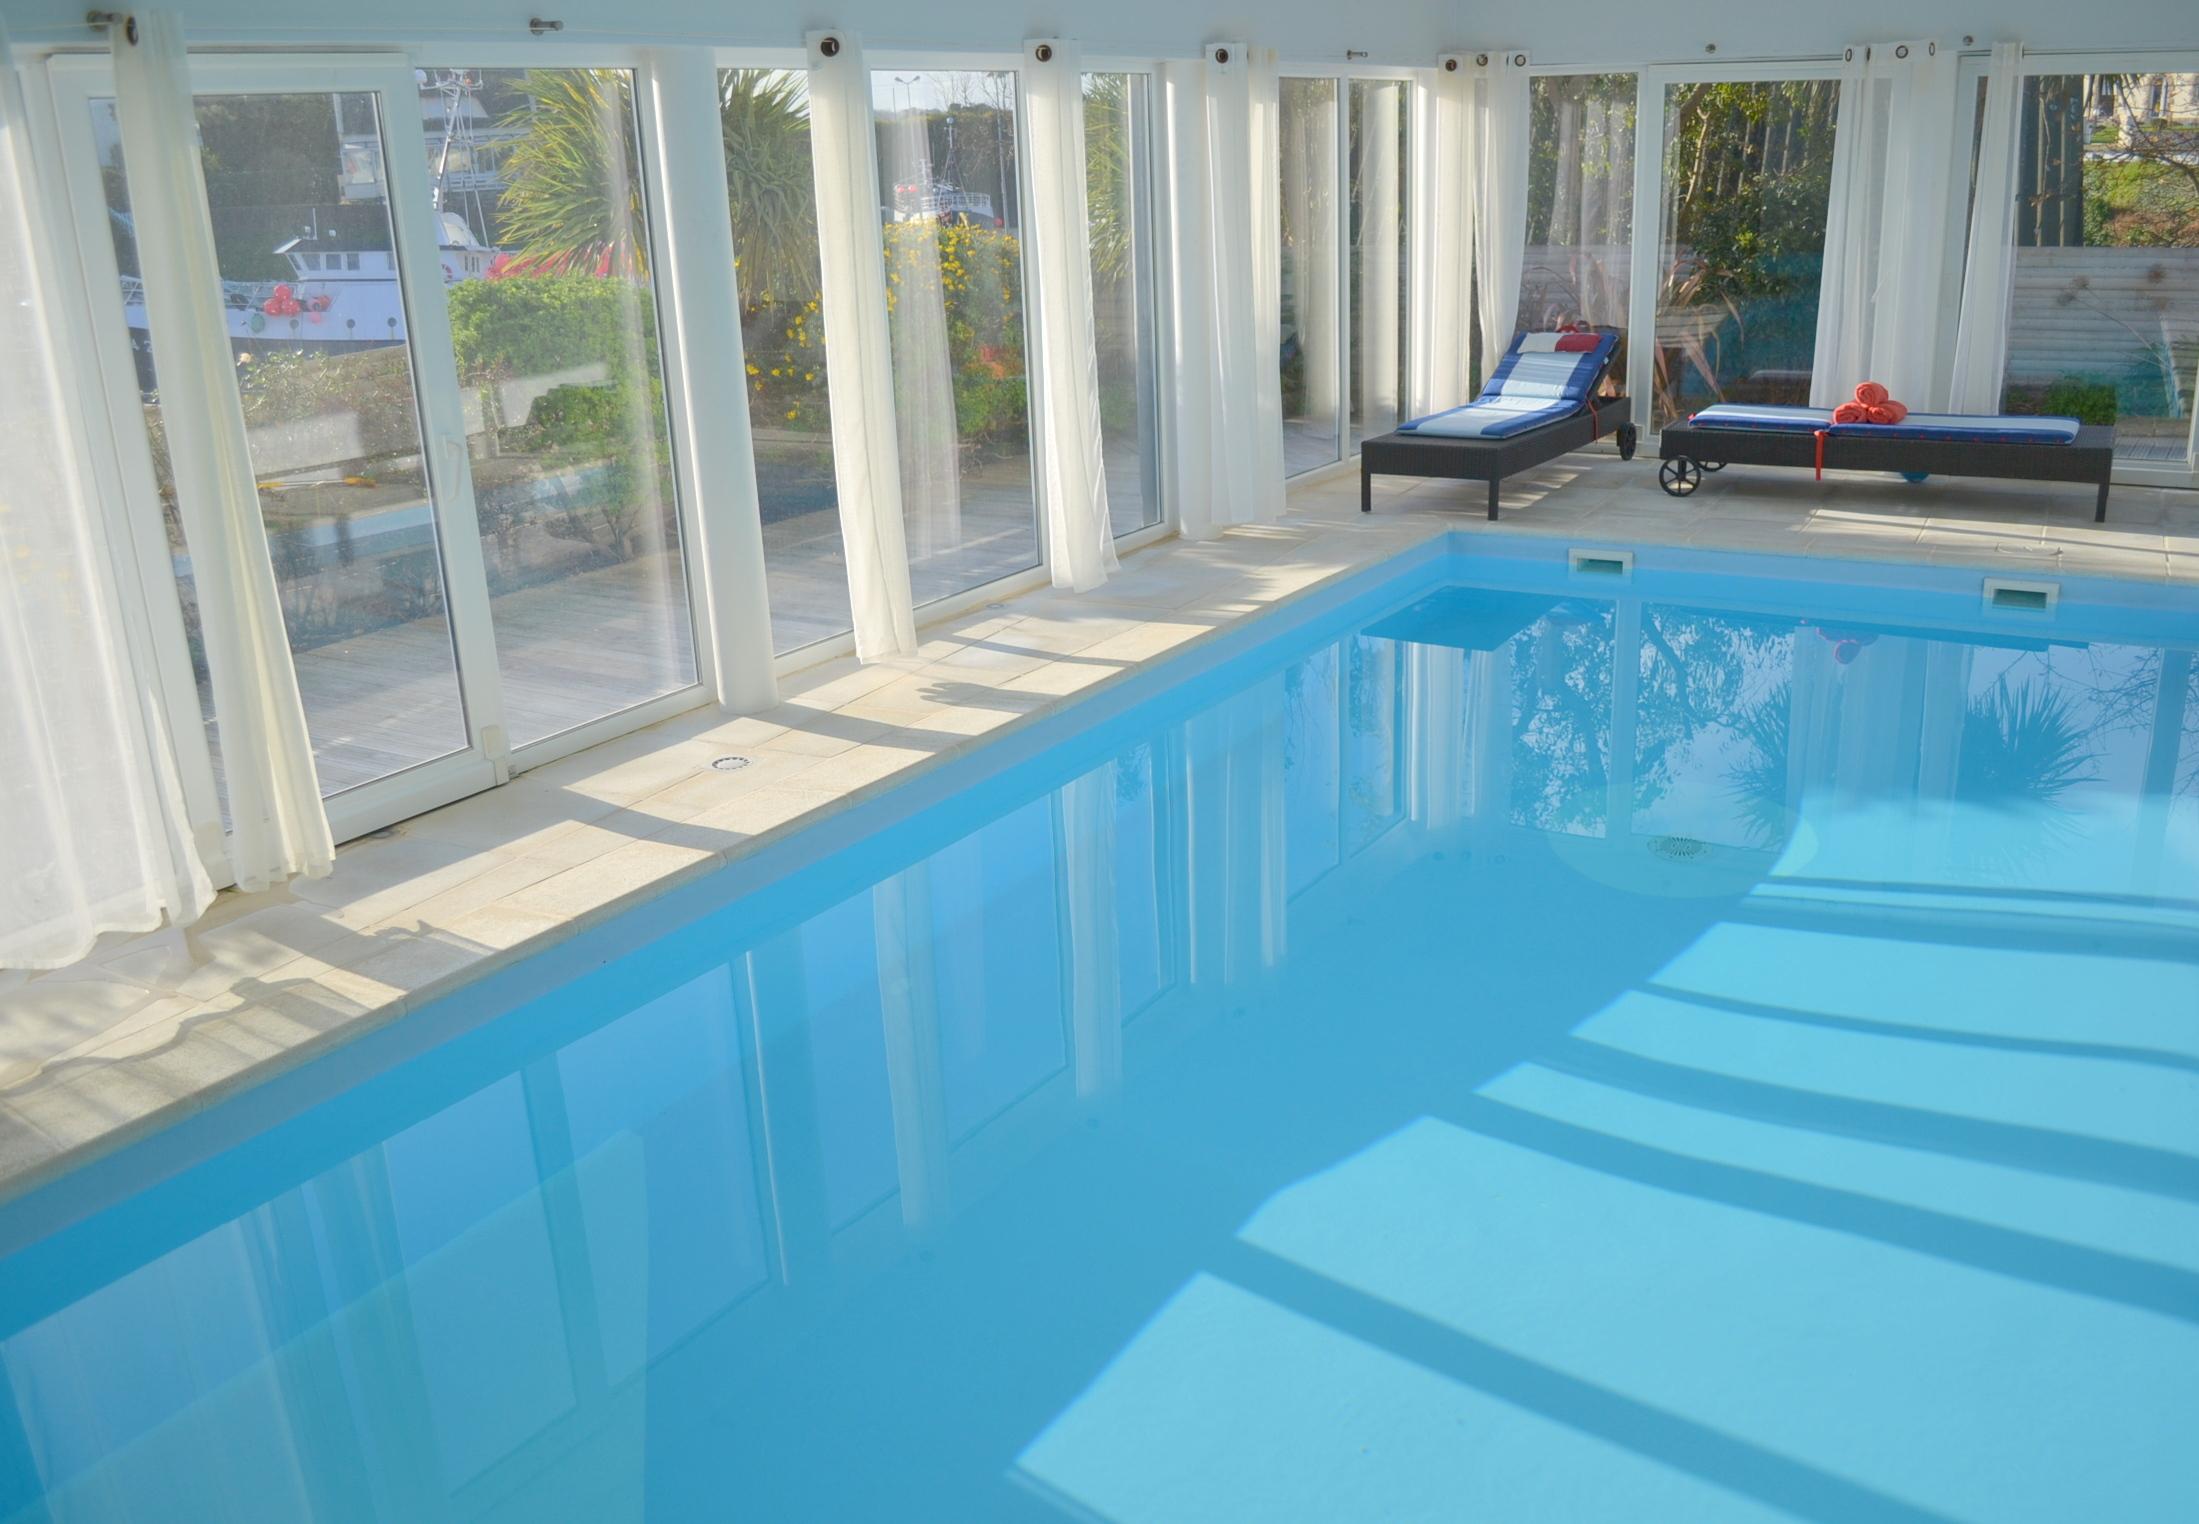 Location Villa En Bretagne À 100M De La Plage Avec Piscine Intérieure  Chauffée Au Nord De Morlaix avec Piscine Saint Pol Sur Mer